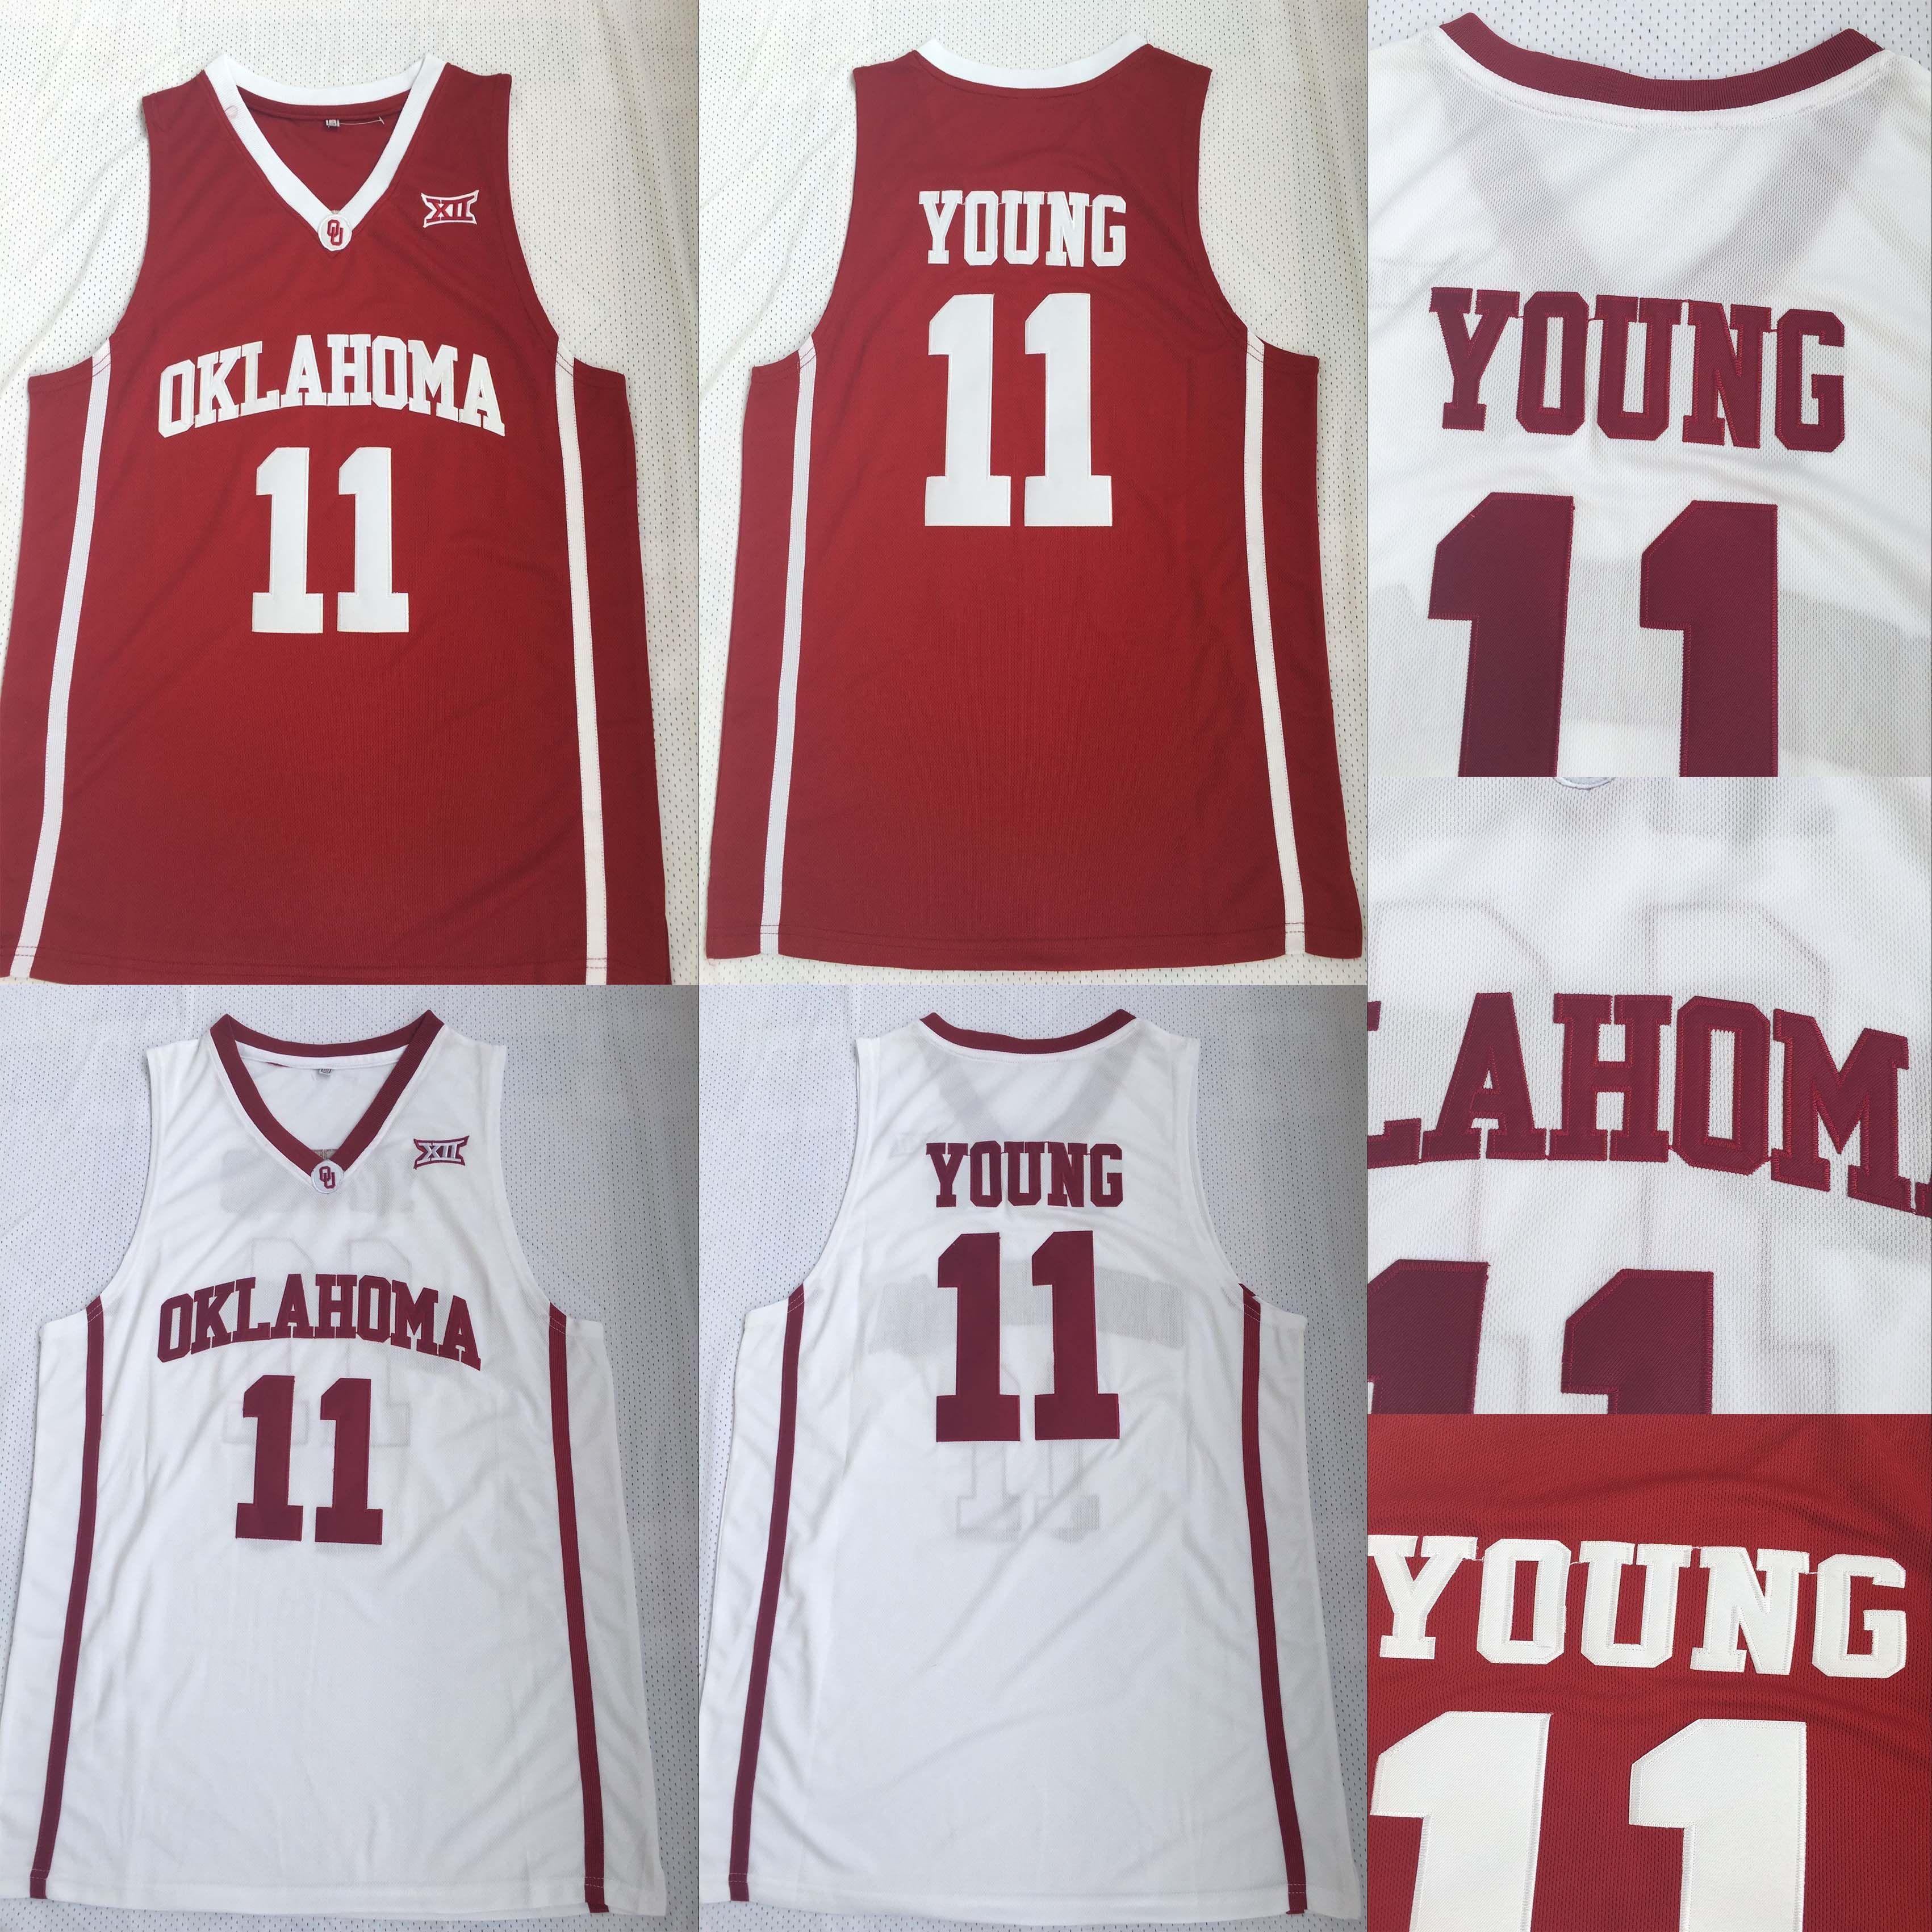 NCAA Trae Jeunes 11 Oklahoma Sooners Université Maillots Basketball Trae Jeune Collège Jersey Vente équipe Couleur Rouge Blanc Sport Uniforme loin